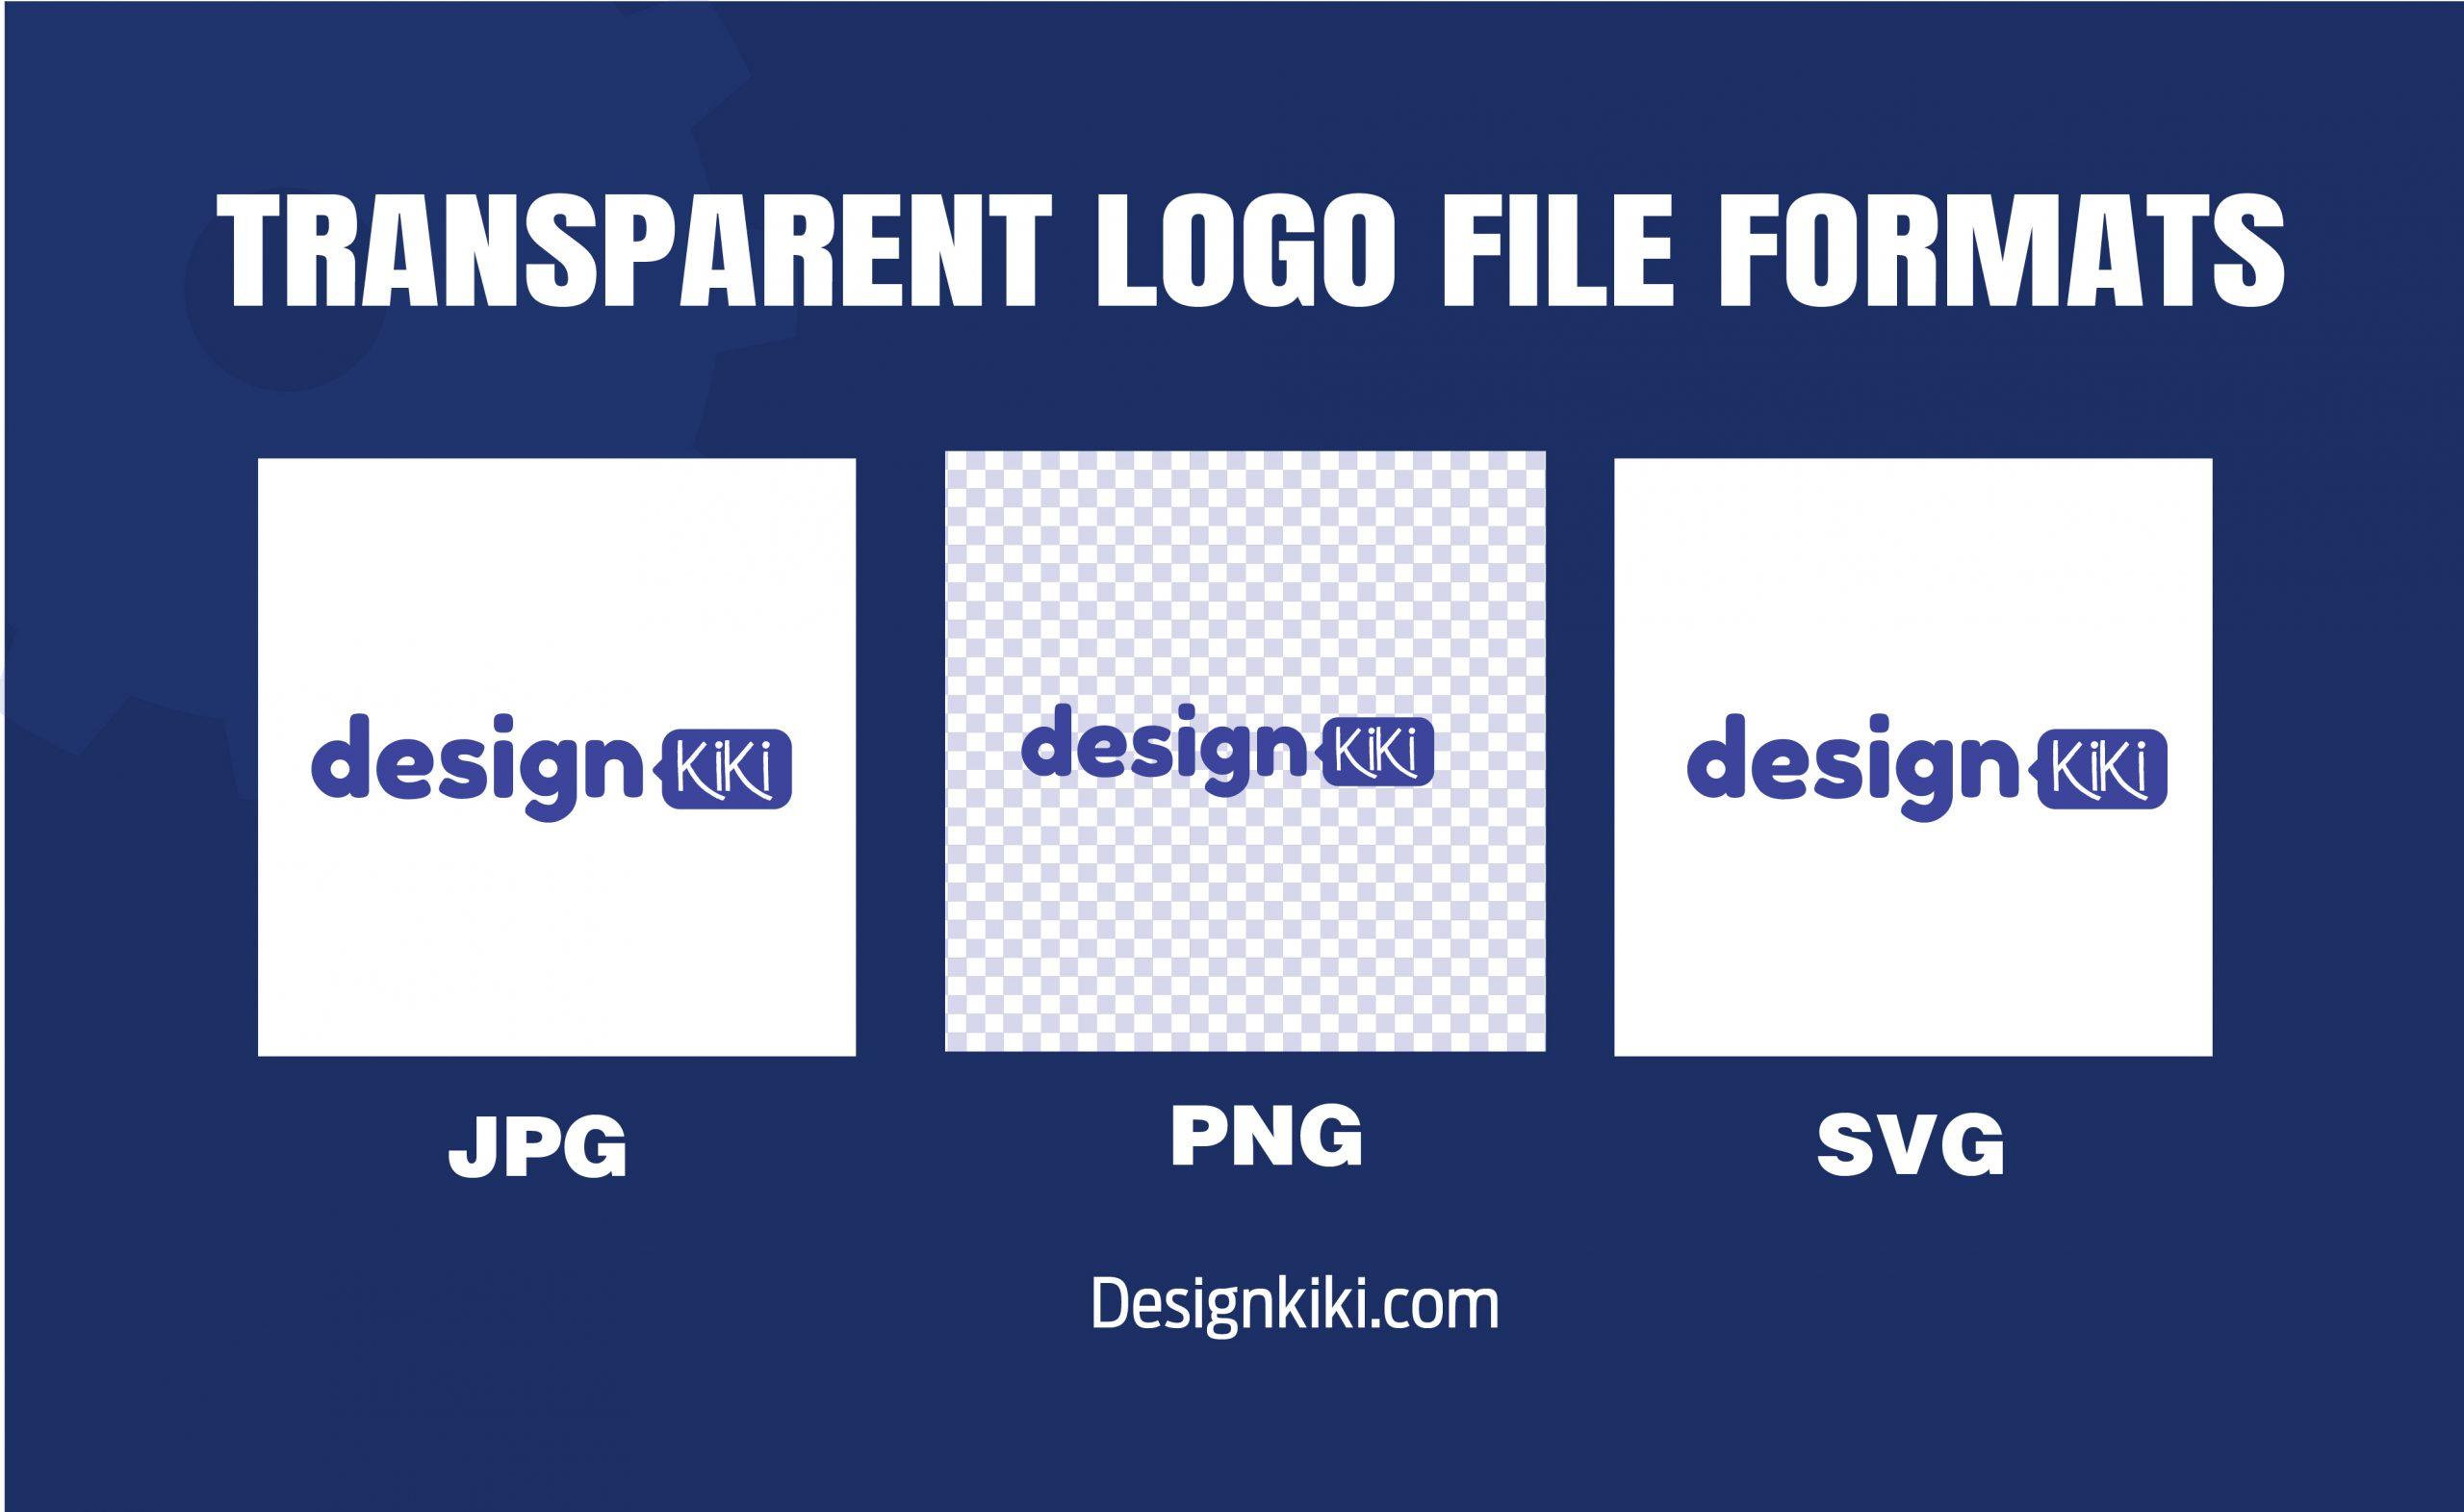 Transparent logo file formats